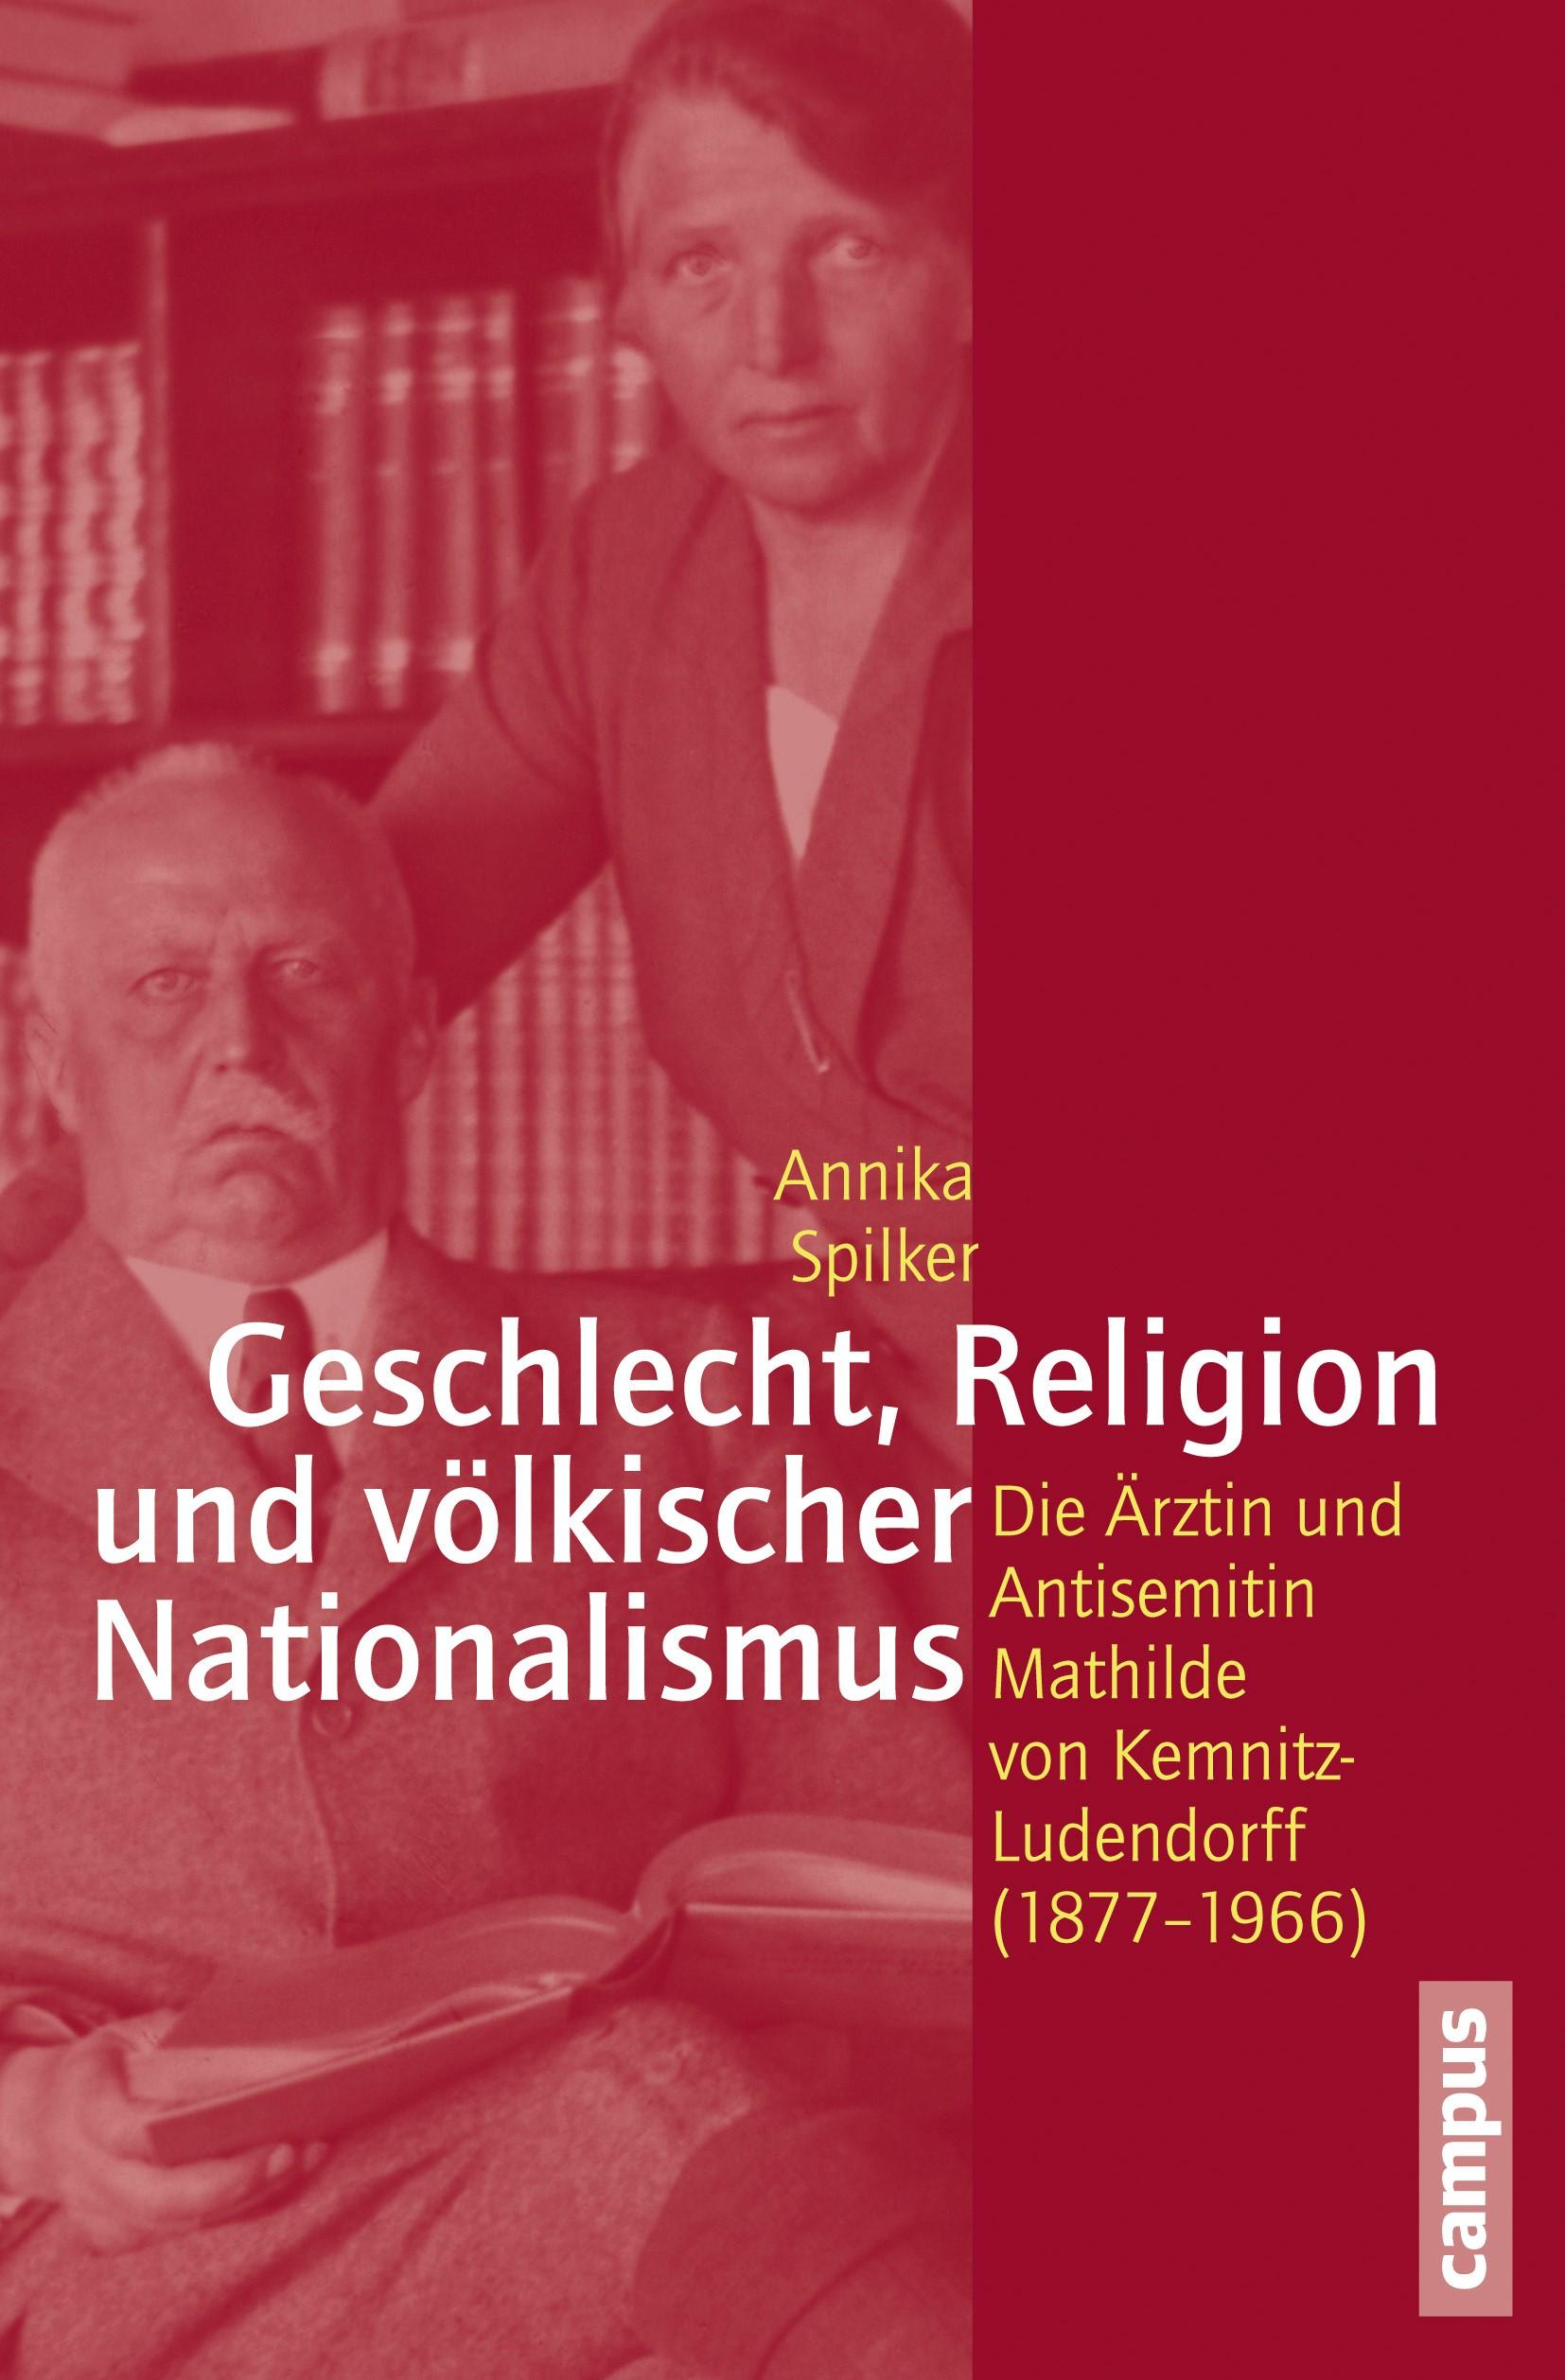 Abbildung von Spilker | Geschlecht, Religion und völkischer Nationalismus | 2013